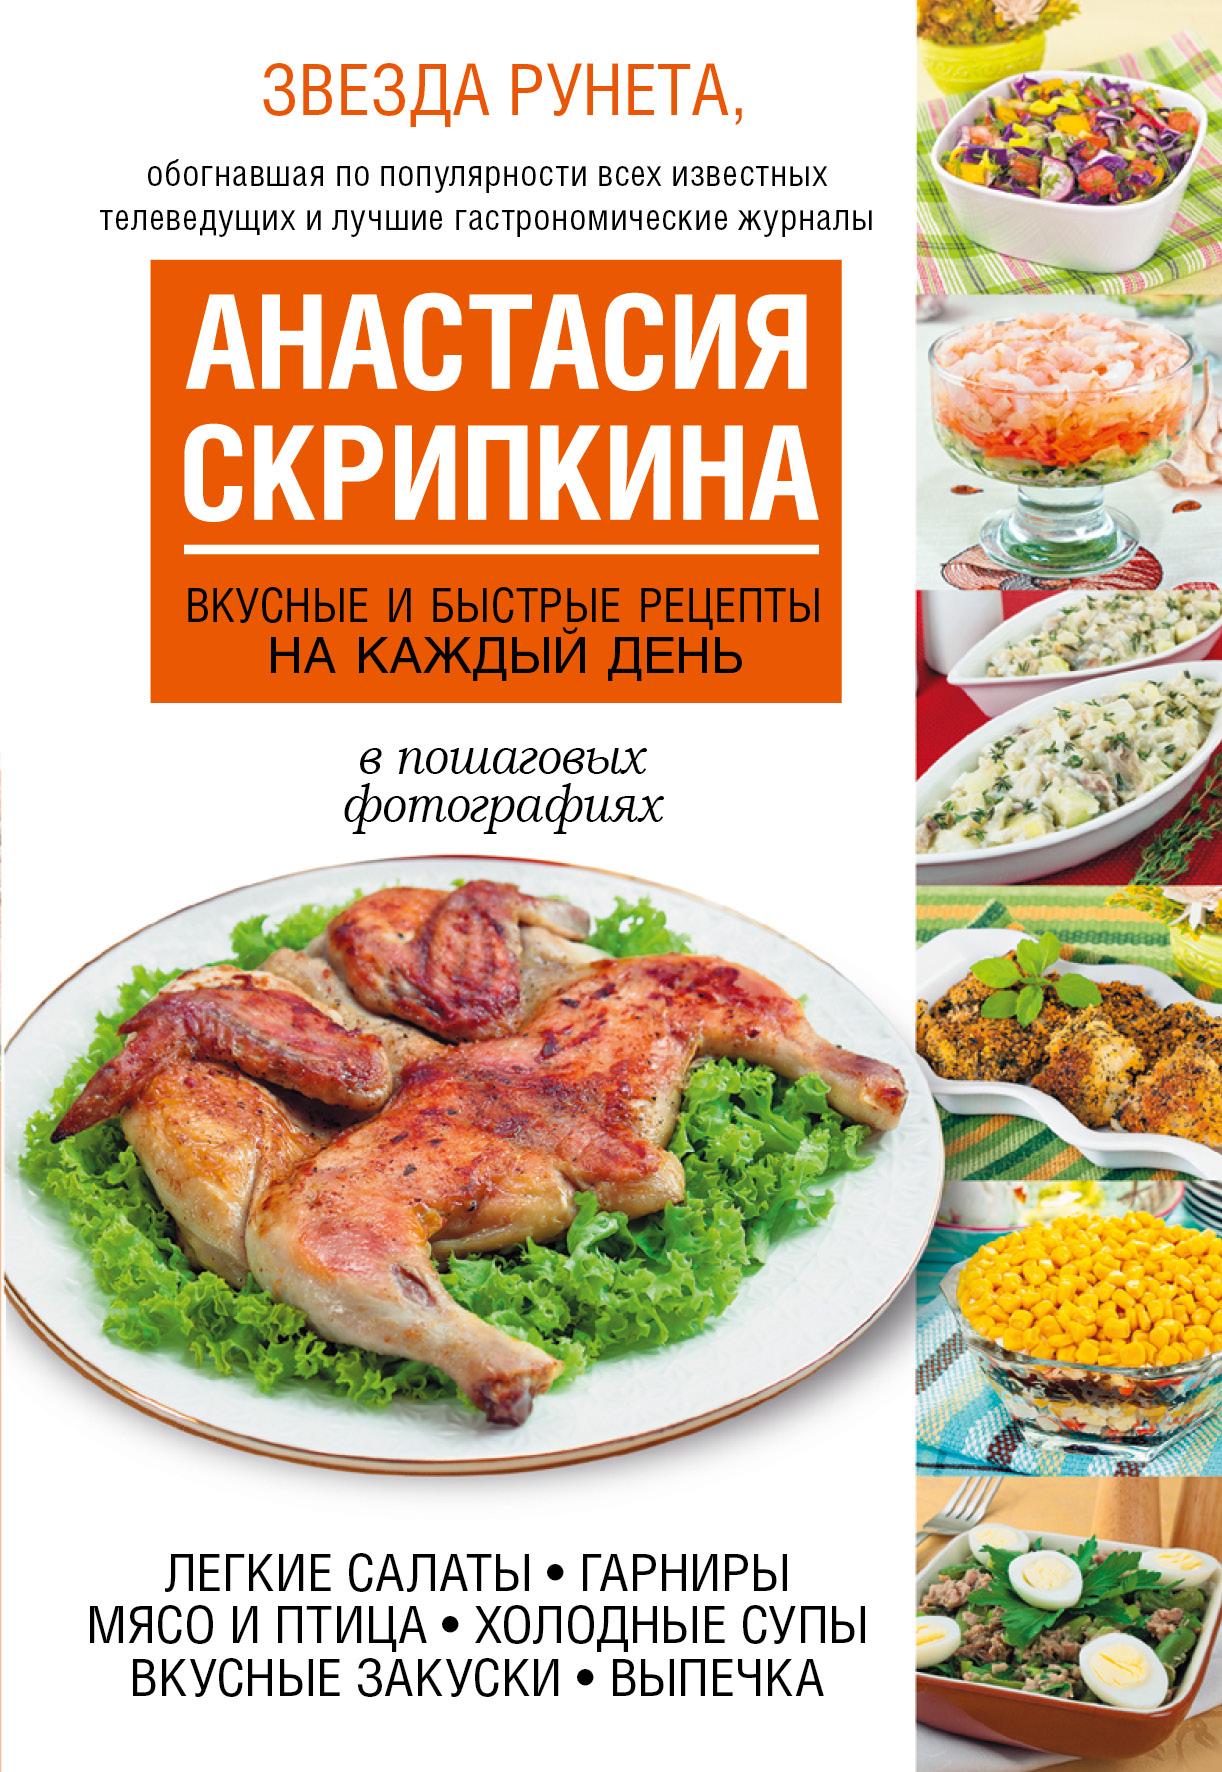 Вкусные и быстрые рецепты на каждый день от book24.ru